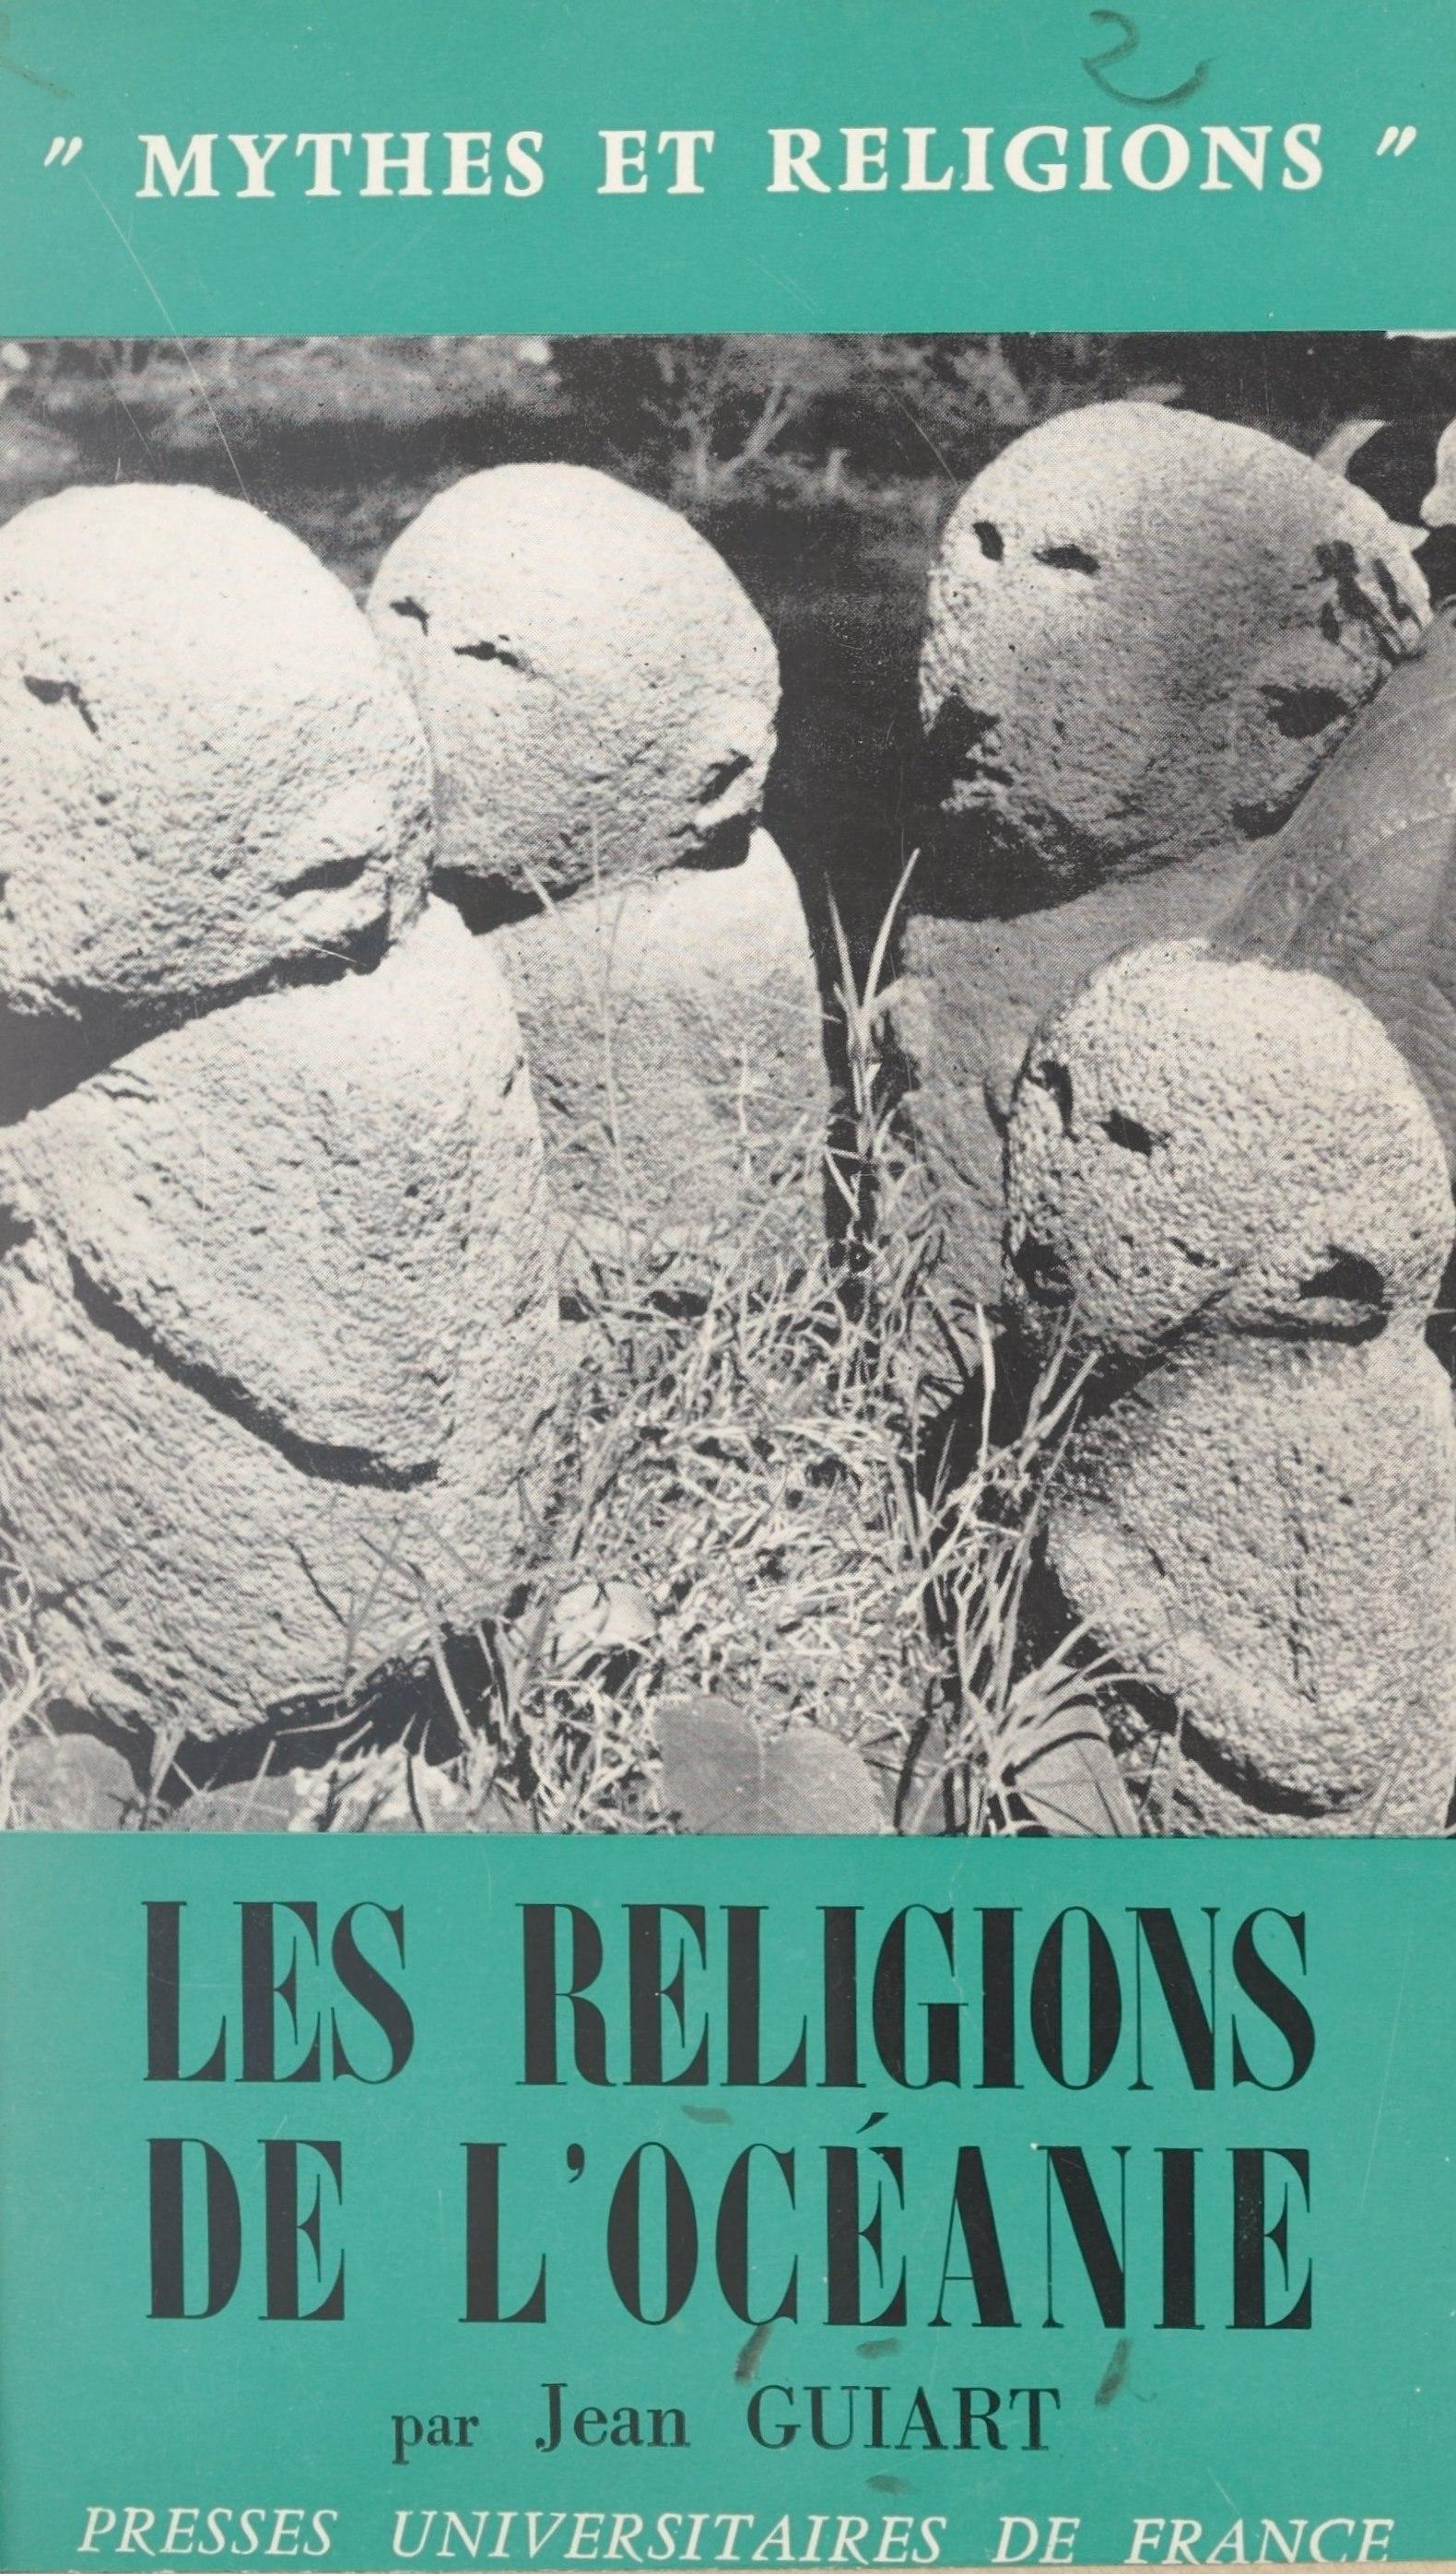 Les religions de l'Océanie